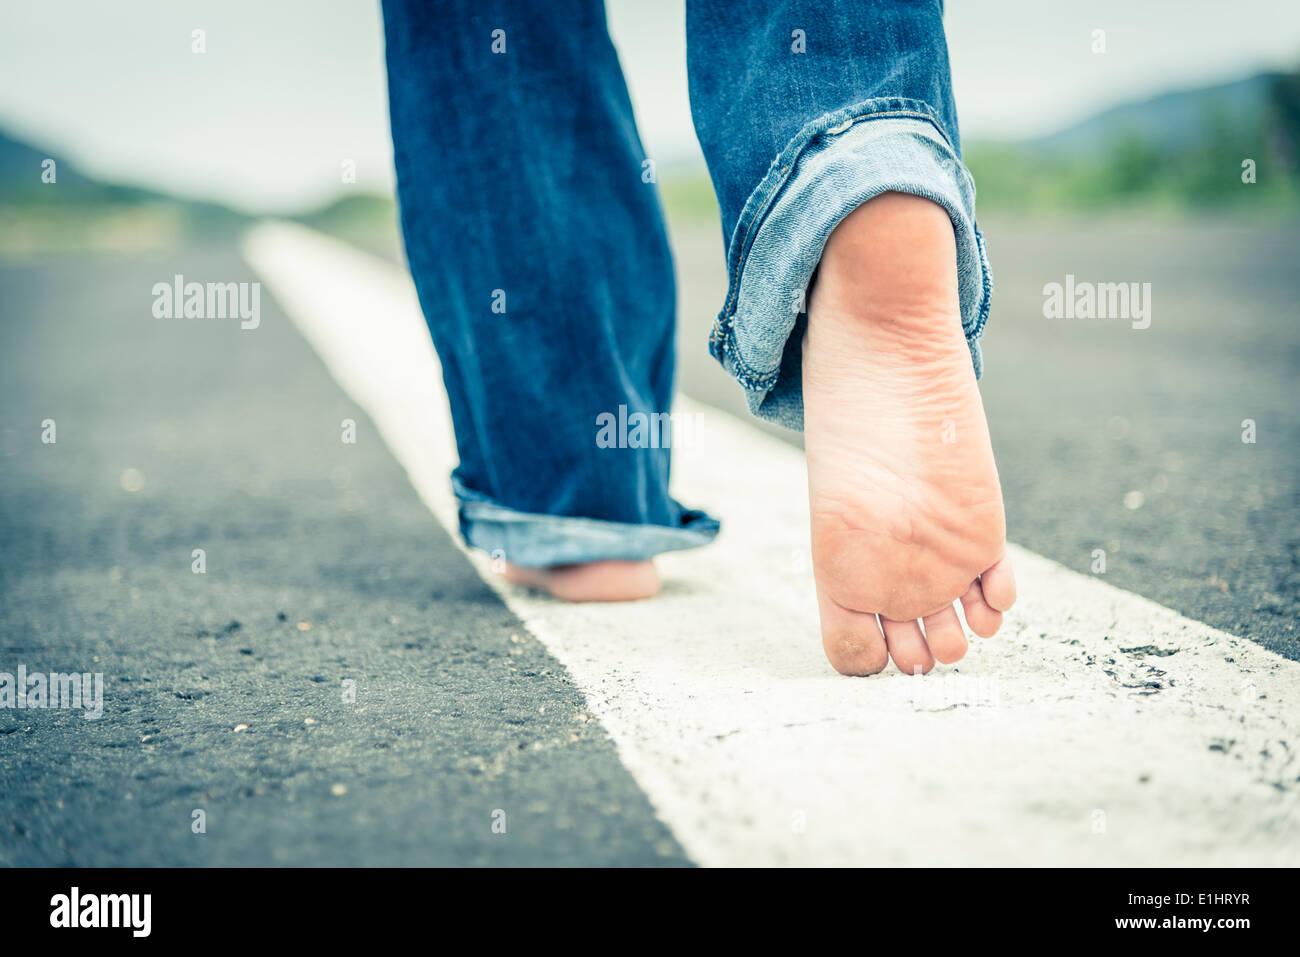 Mujer joven caminar descalzo sobre la línea central de la calle vacía, vista parcial Imagen De Stock